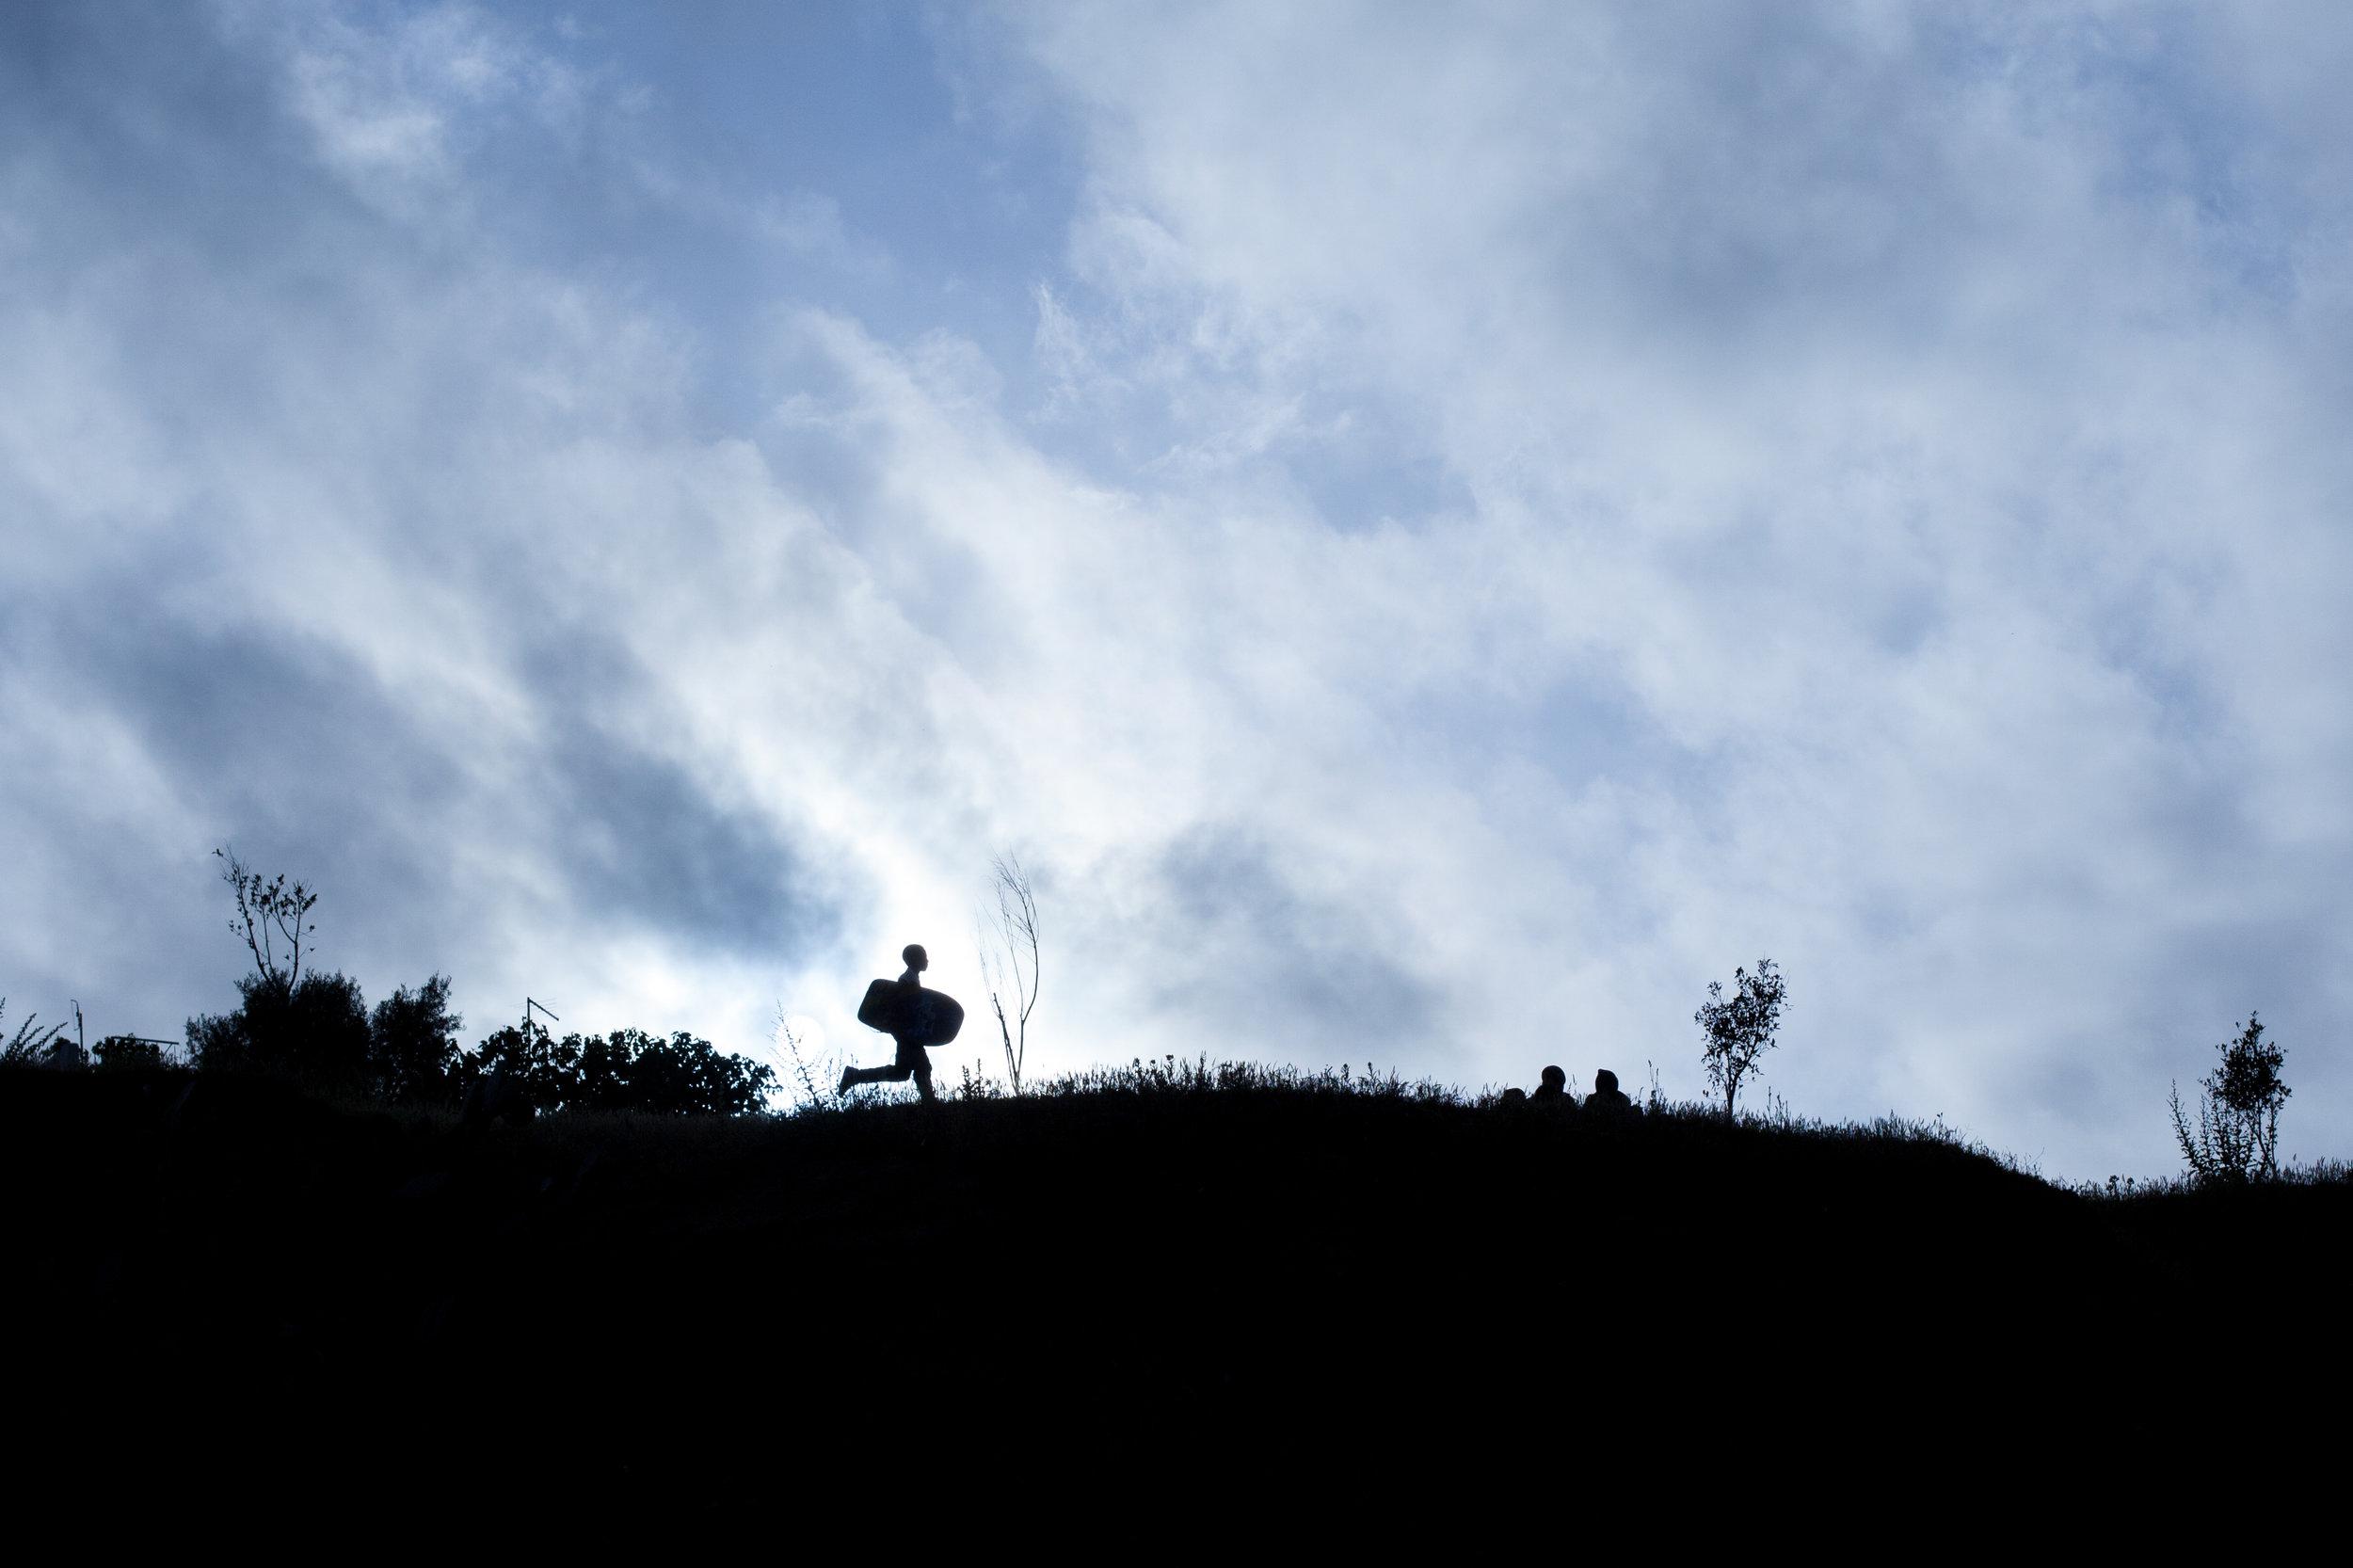 A silhouette photo of a body boarder in Morocco.